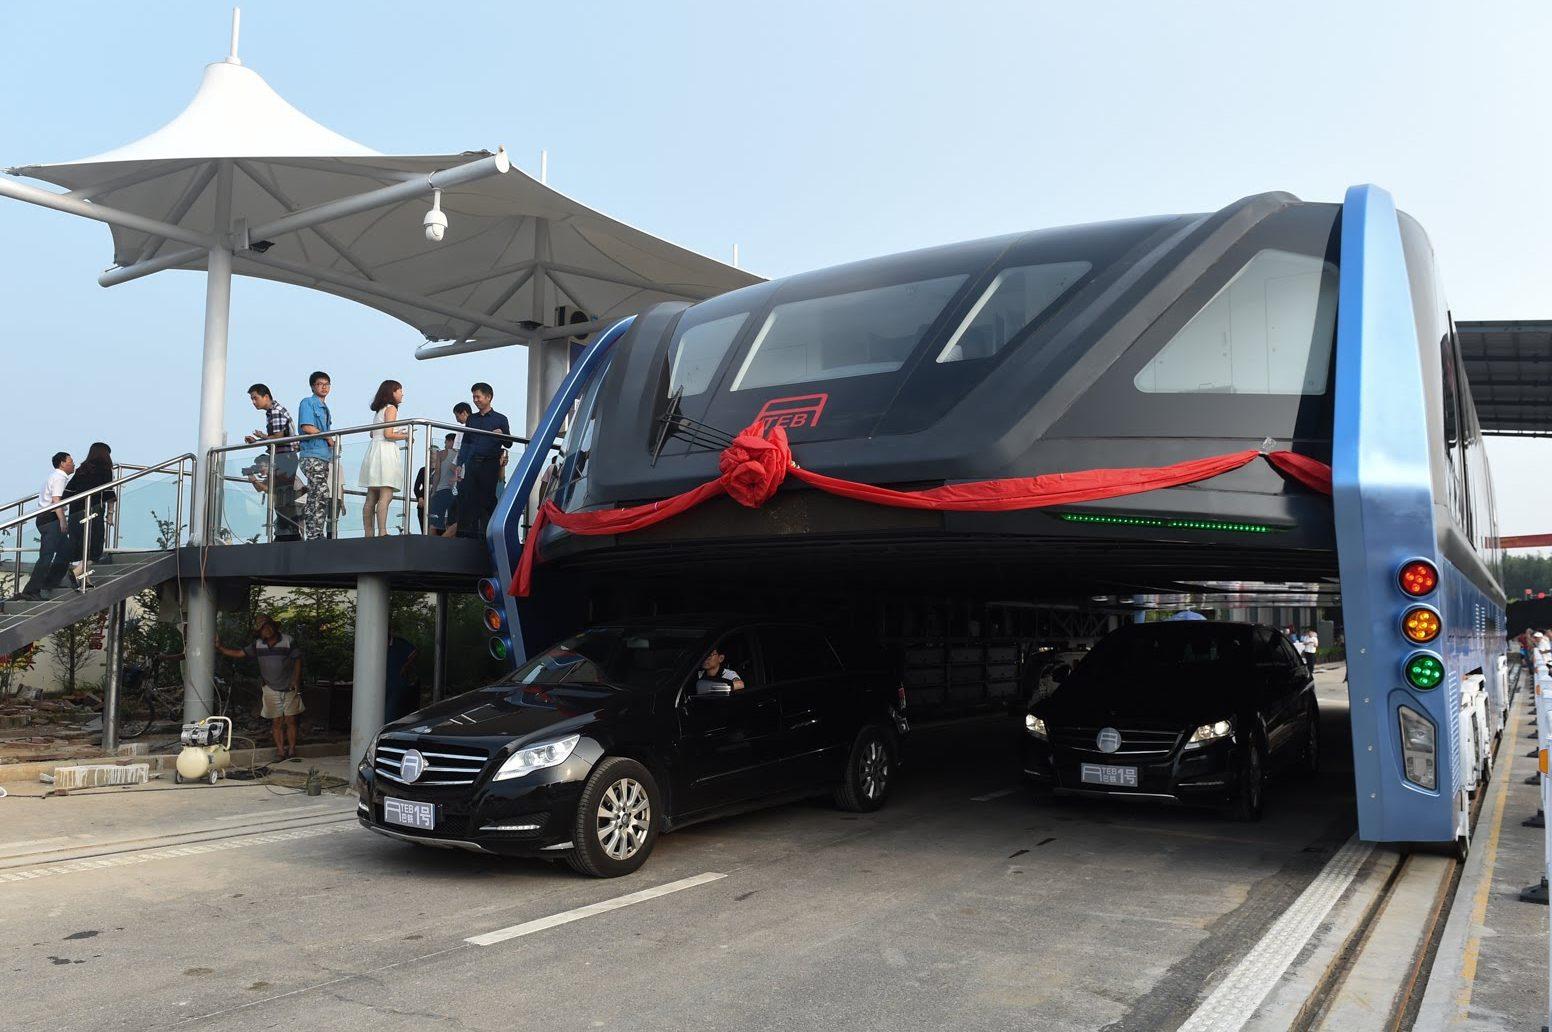 Концепция идиотического поднятого автобуса в Китае превратилась в мошенничество